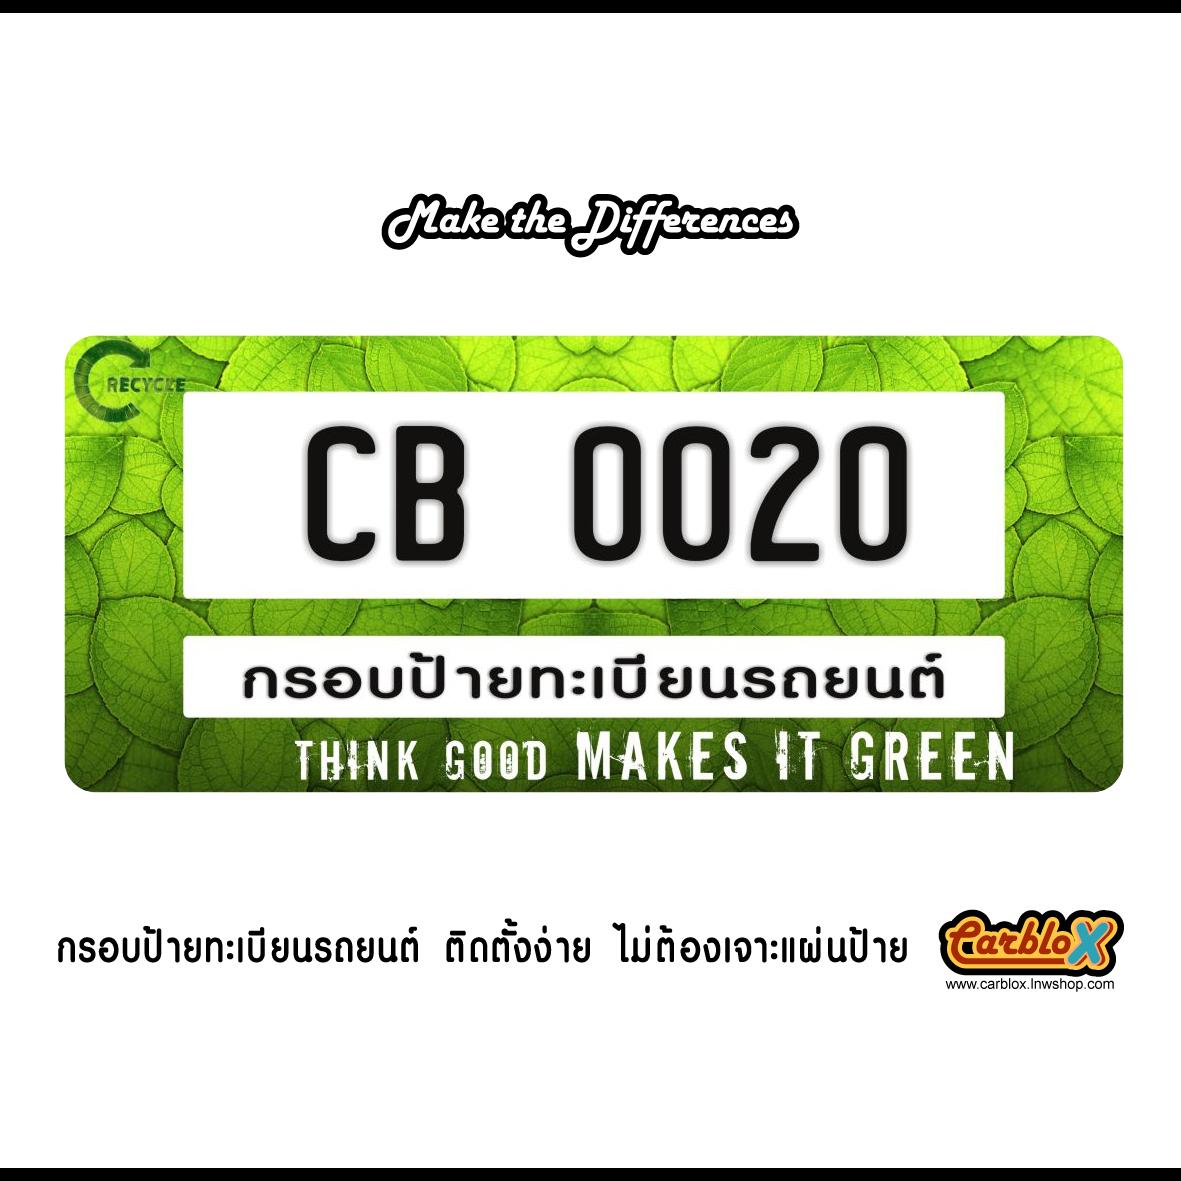 กรอบป้ายทะเบียนรถยนต์ CARBLOX ระหัส CB 0020 ลายธรรมชาติ NATURE.